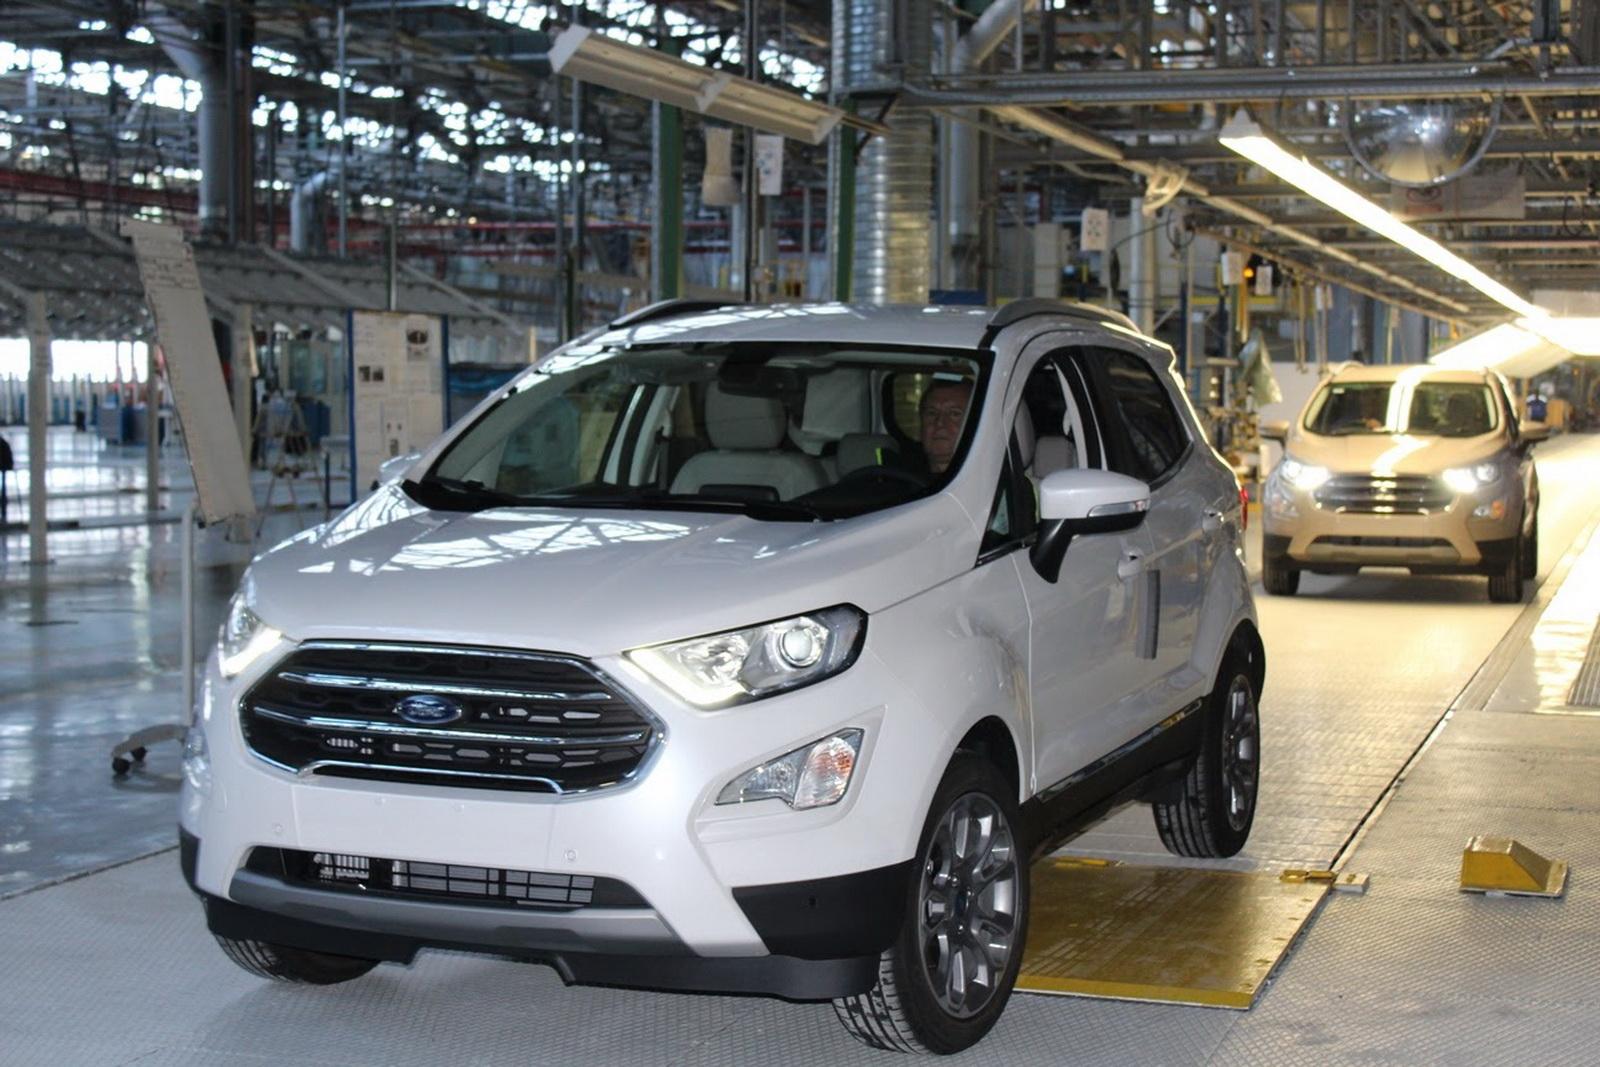 ford ecosport ấn độ